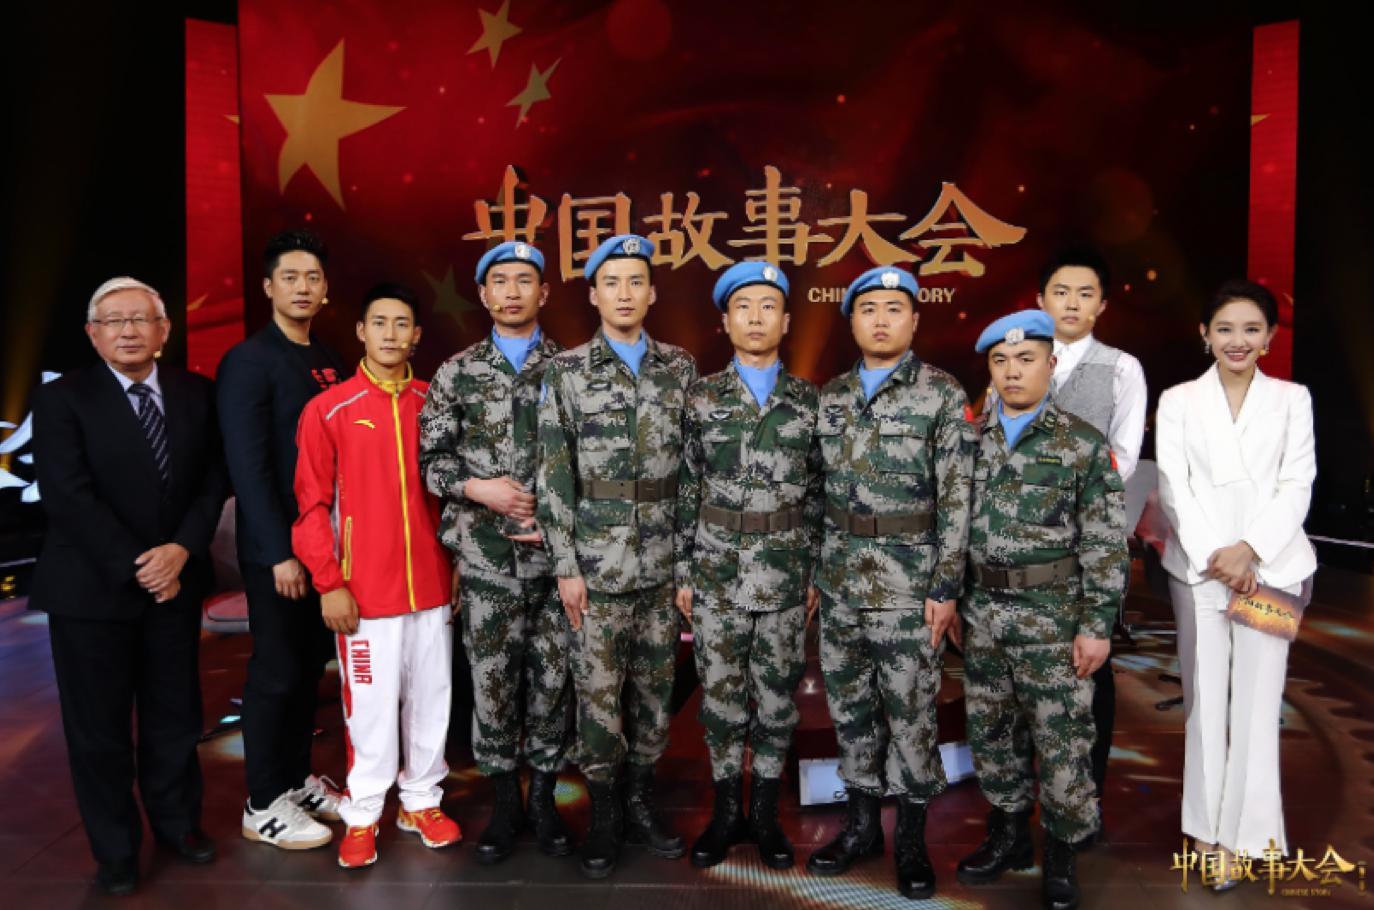 凌潇肃《中国故事大会2》 讲述最可爱